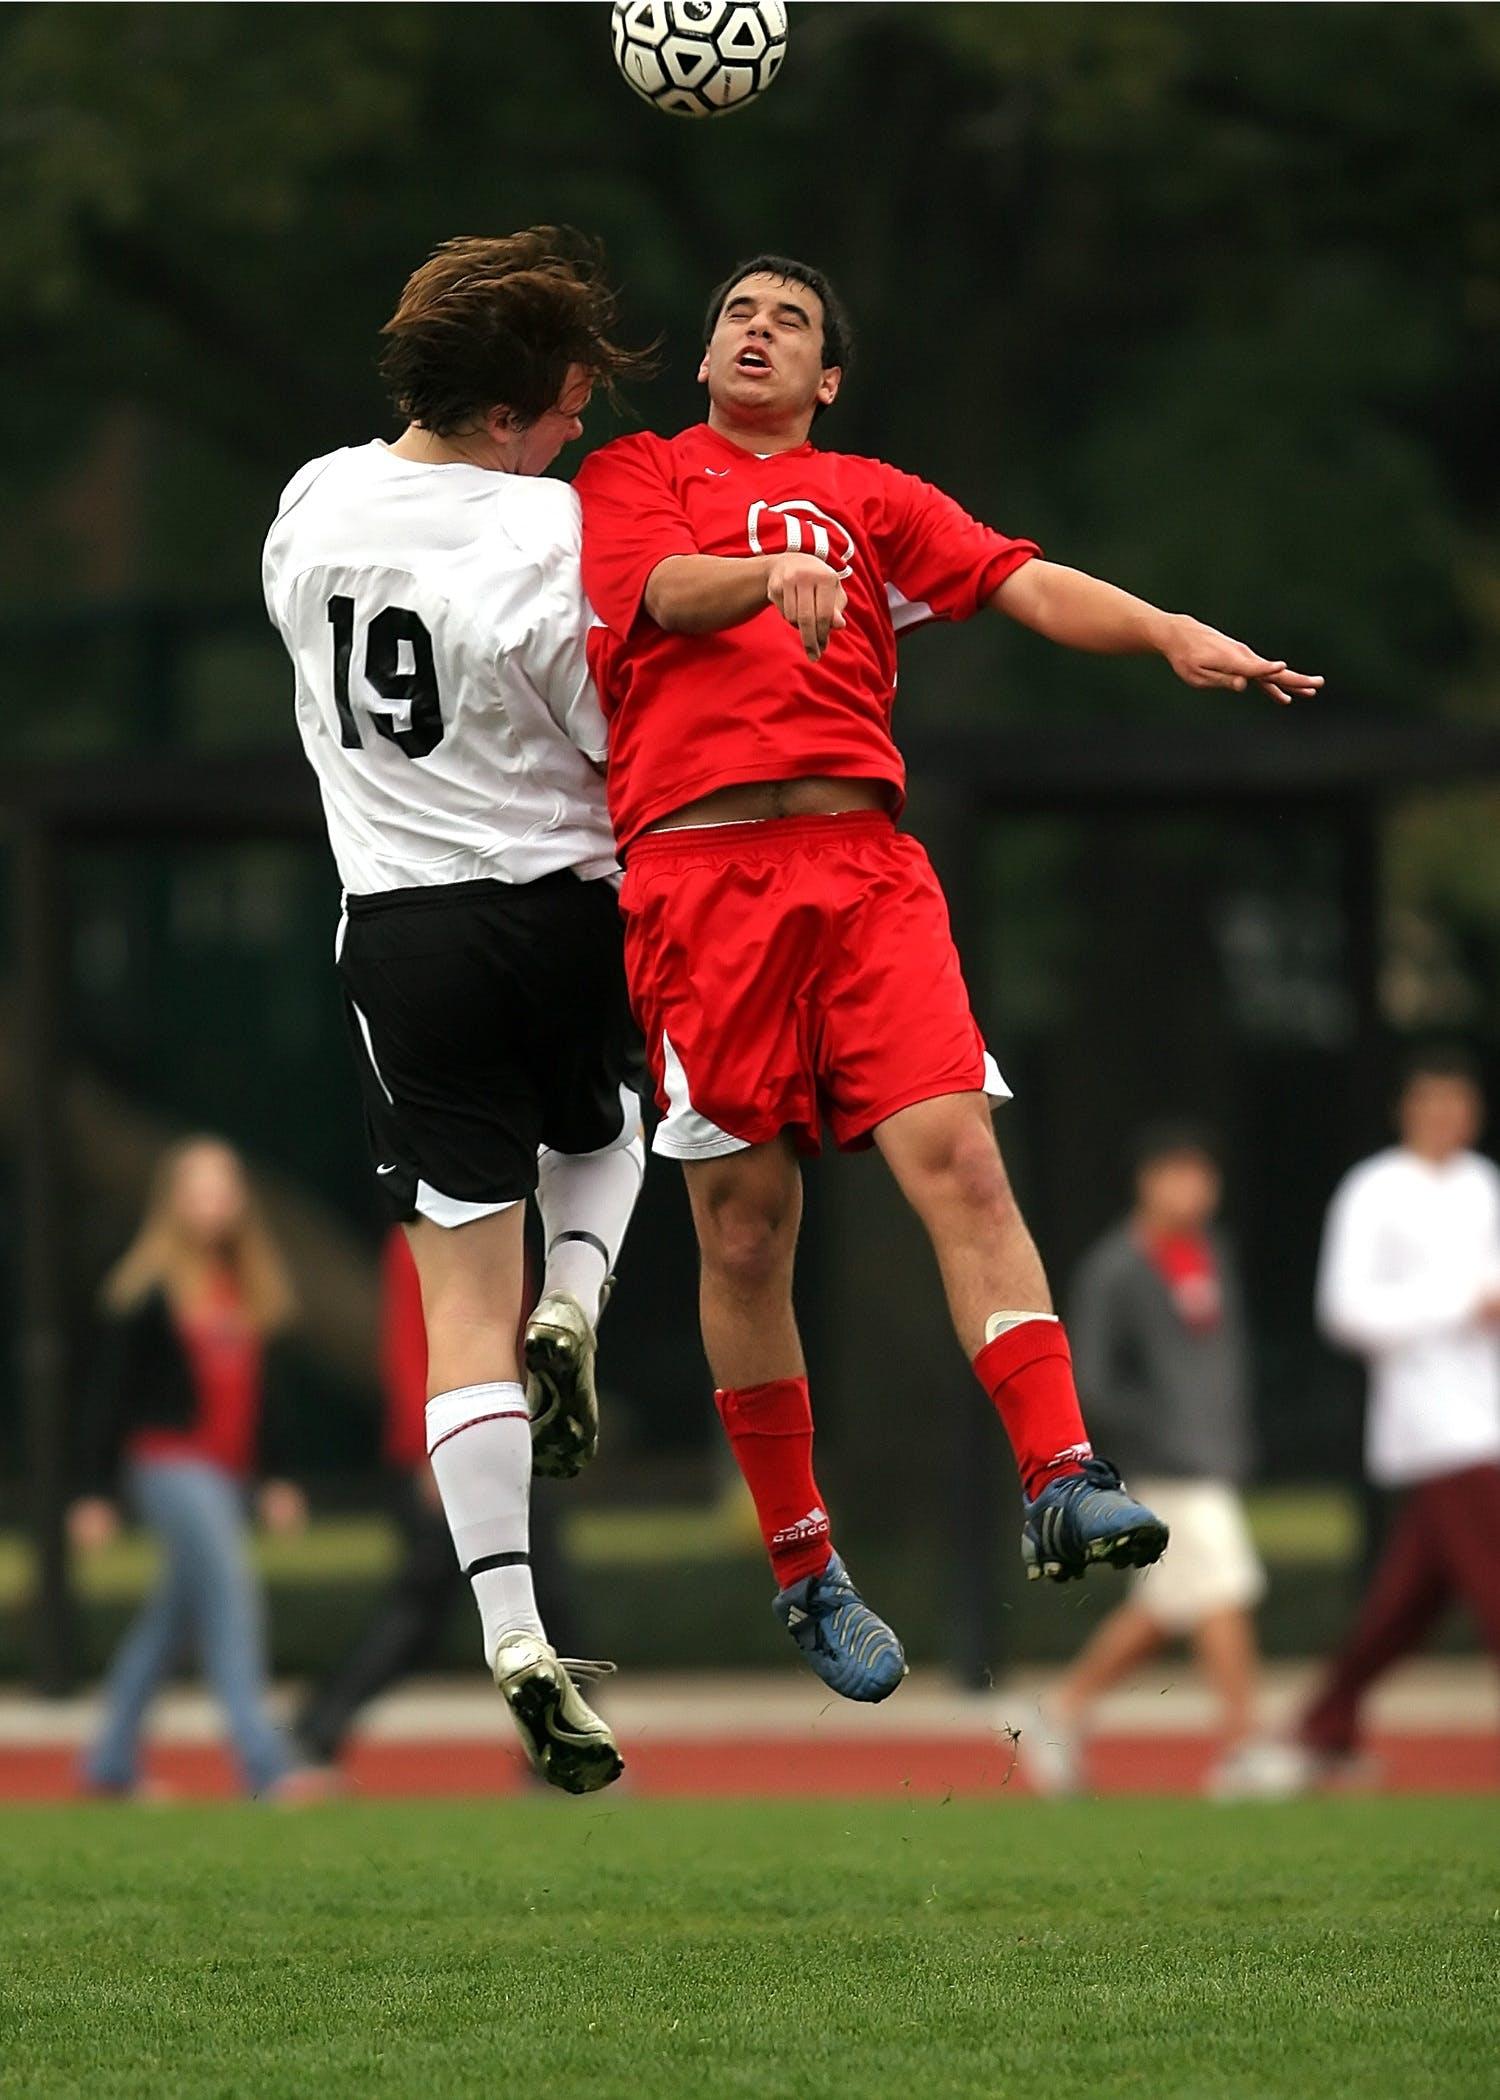 ゲーム, サッカー, サッカーボール, スタジアムの無料の写真素材